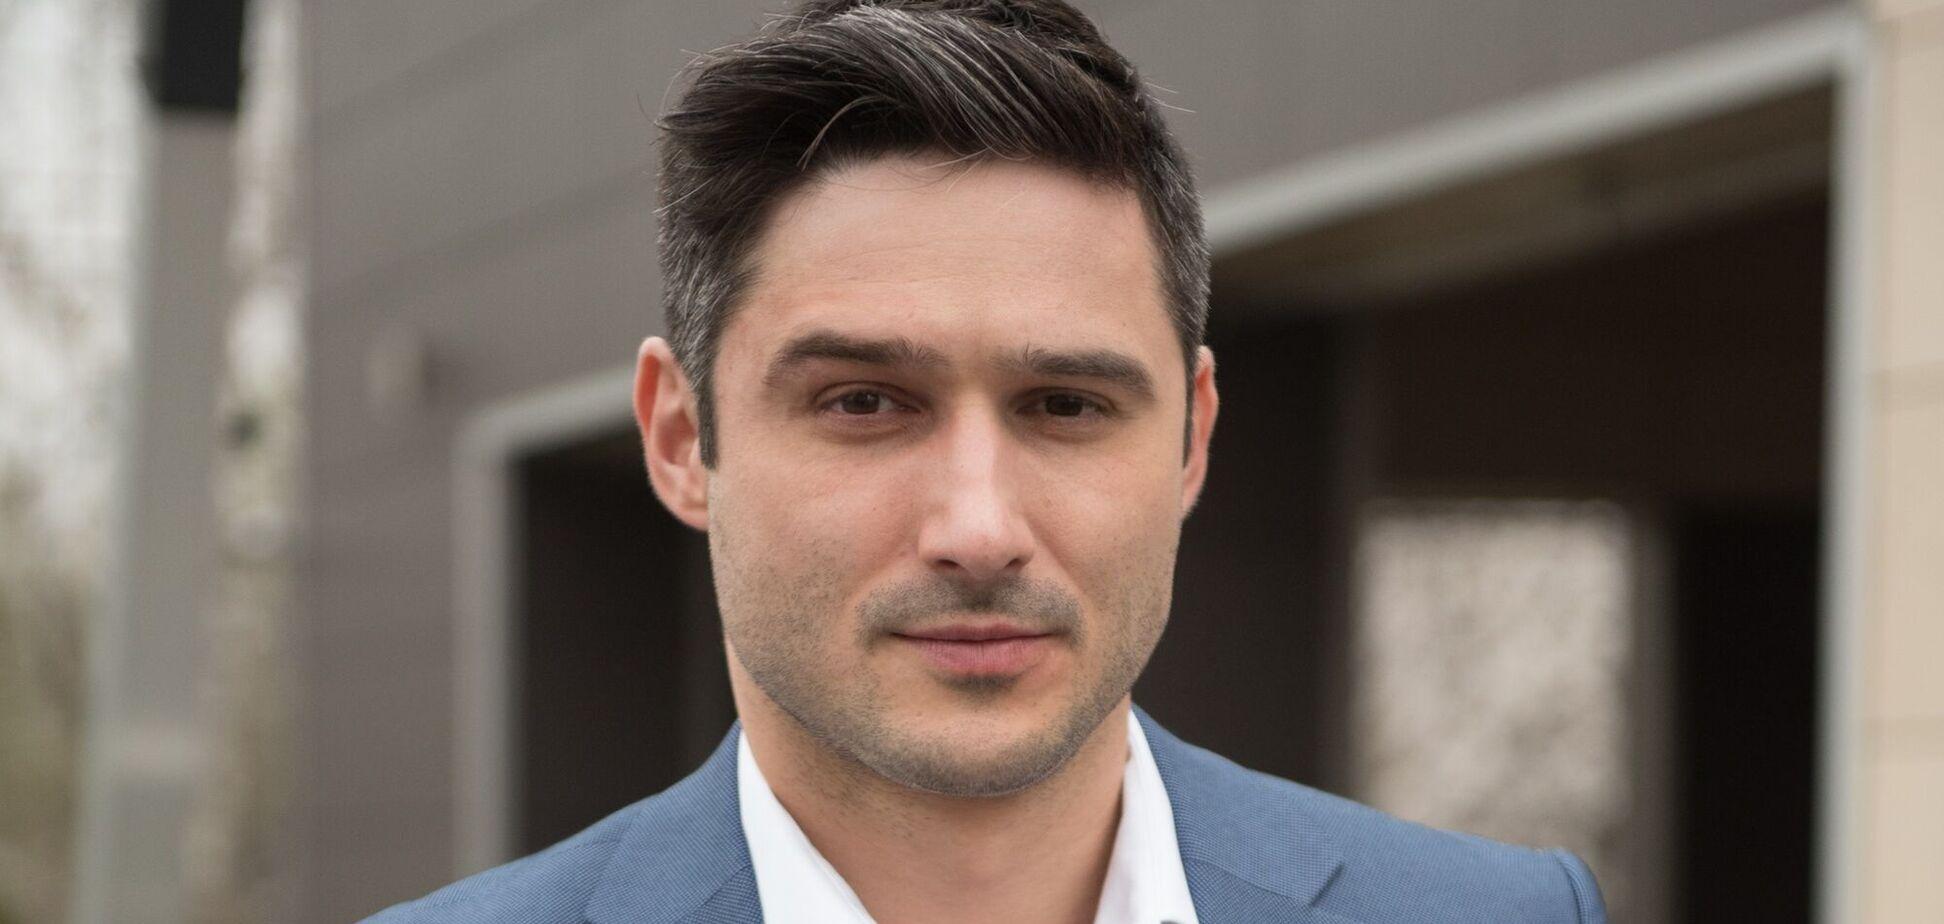 Известный украинский актер устроил скандал посреди улицы и набросился на водителя. Видео 18+